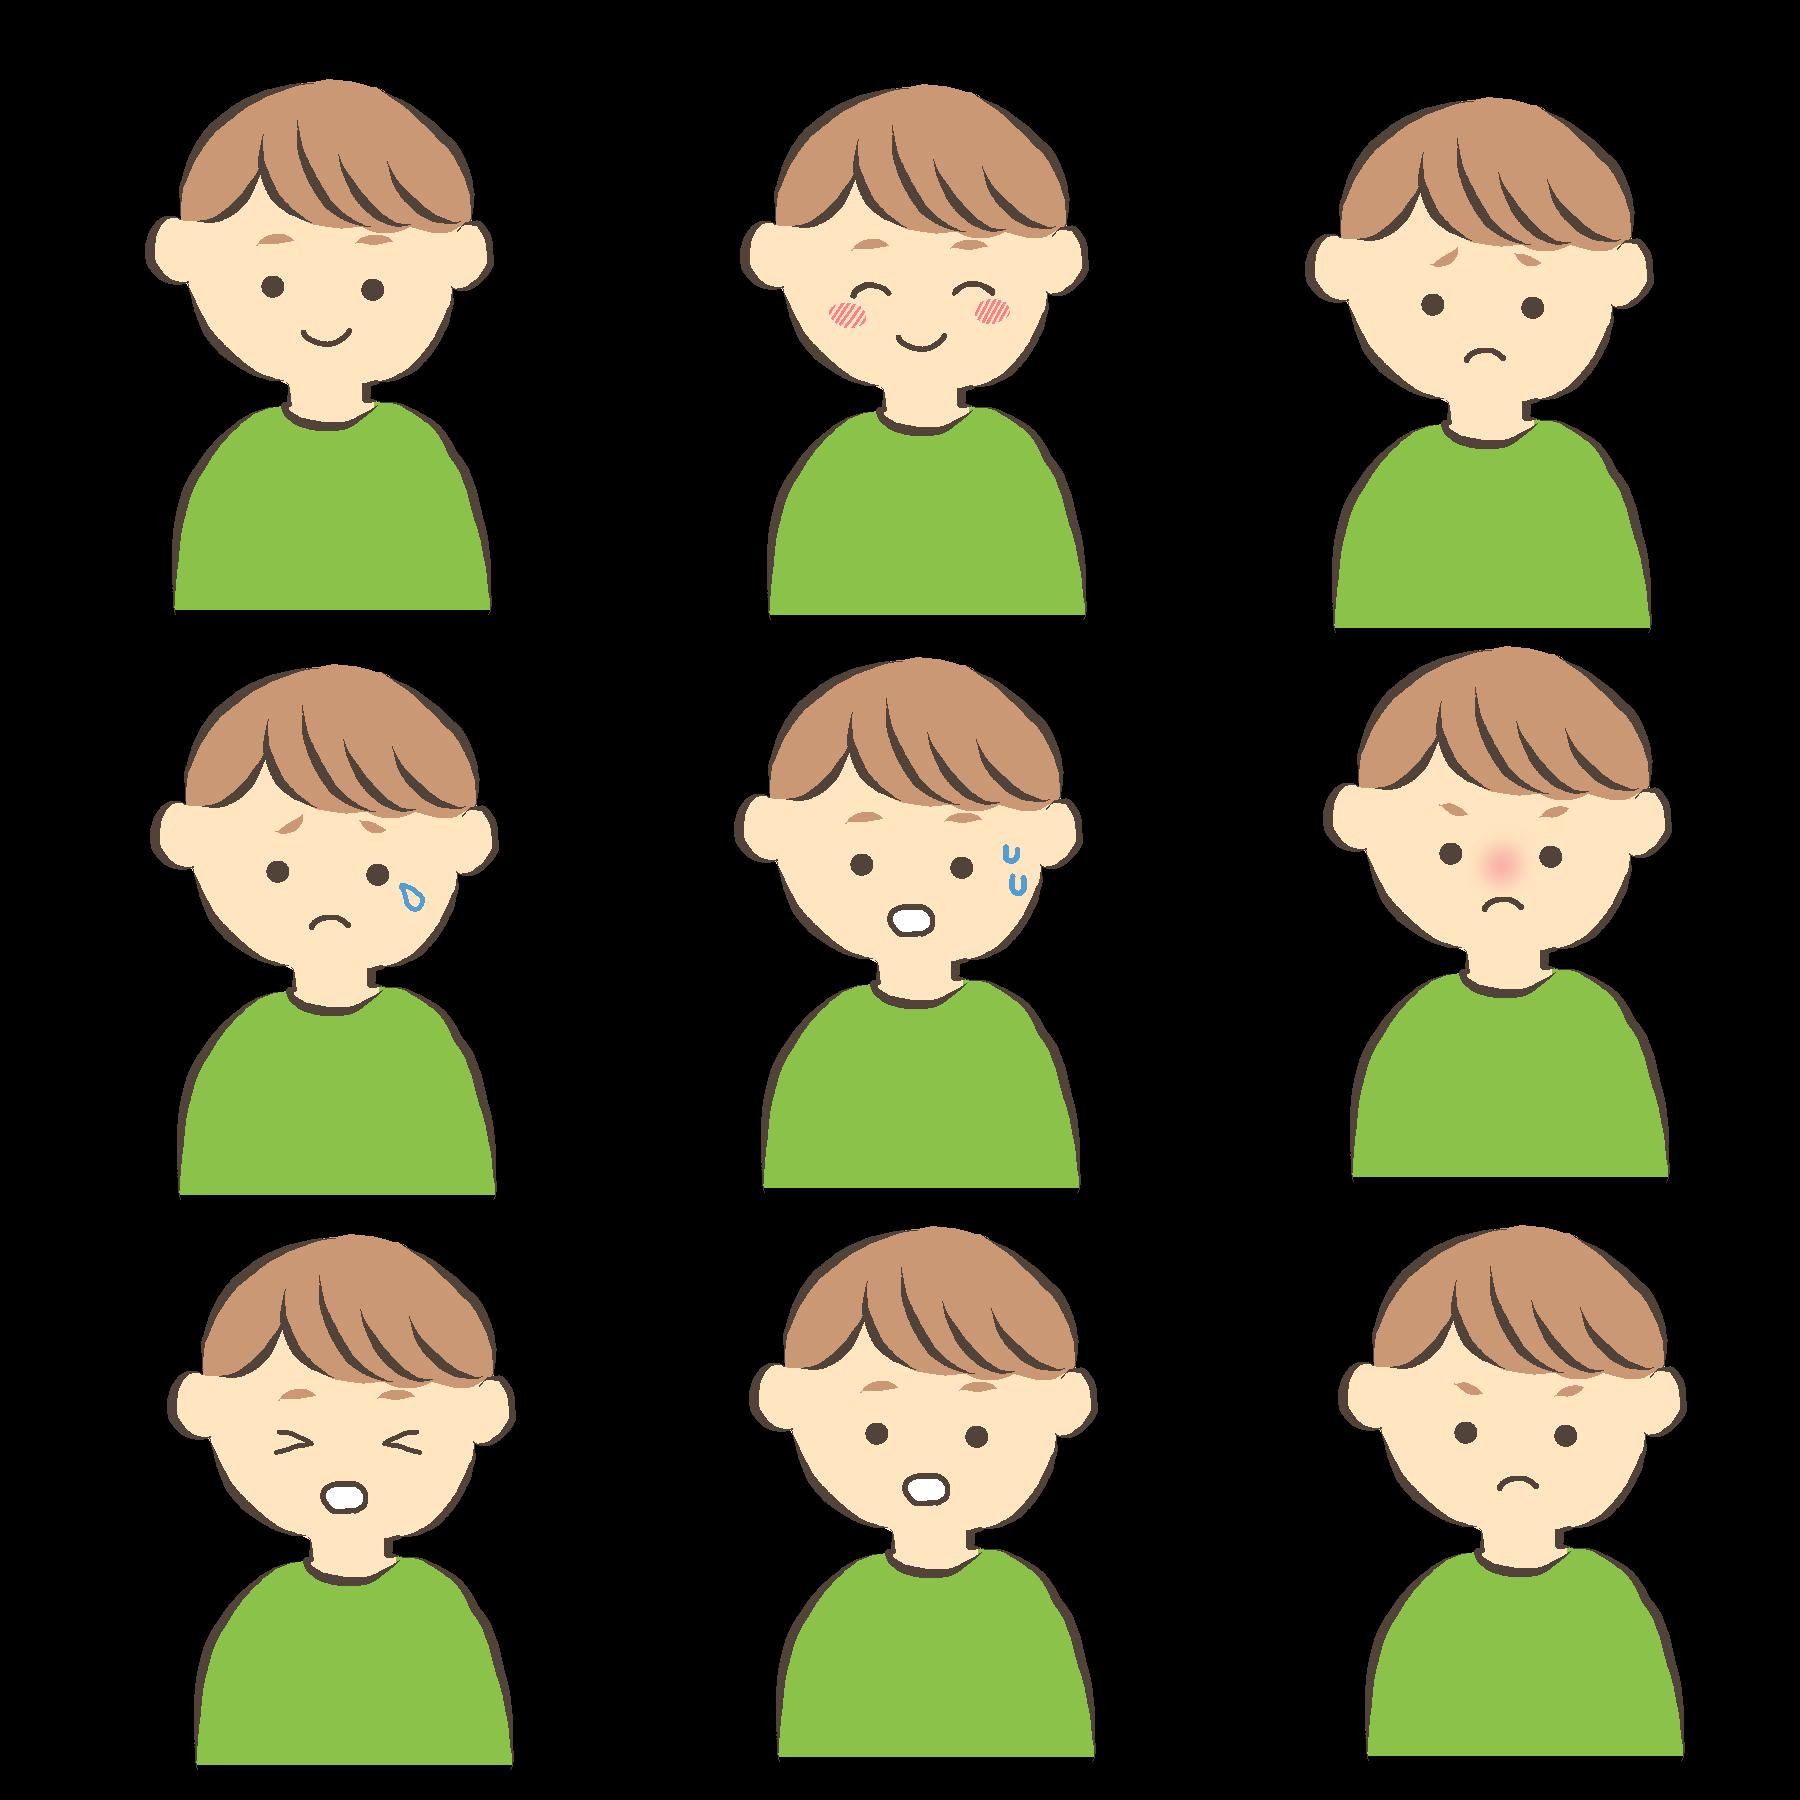 いろいろな表情の男性のイラスト緑